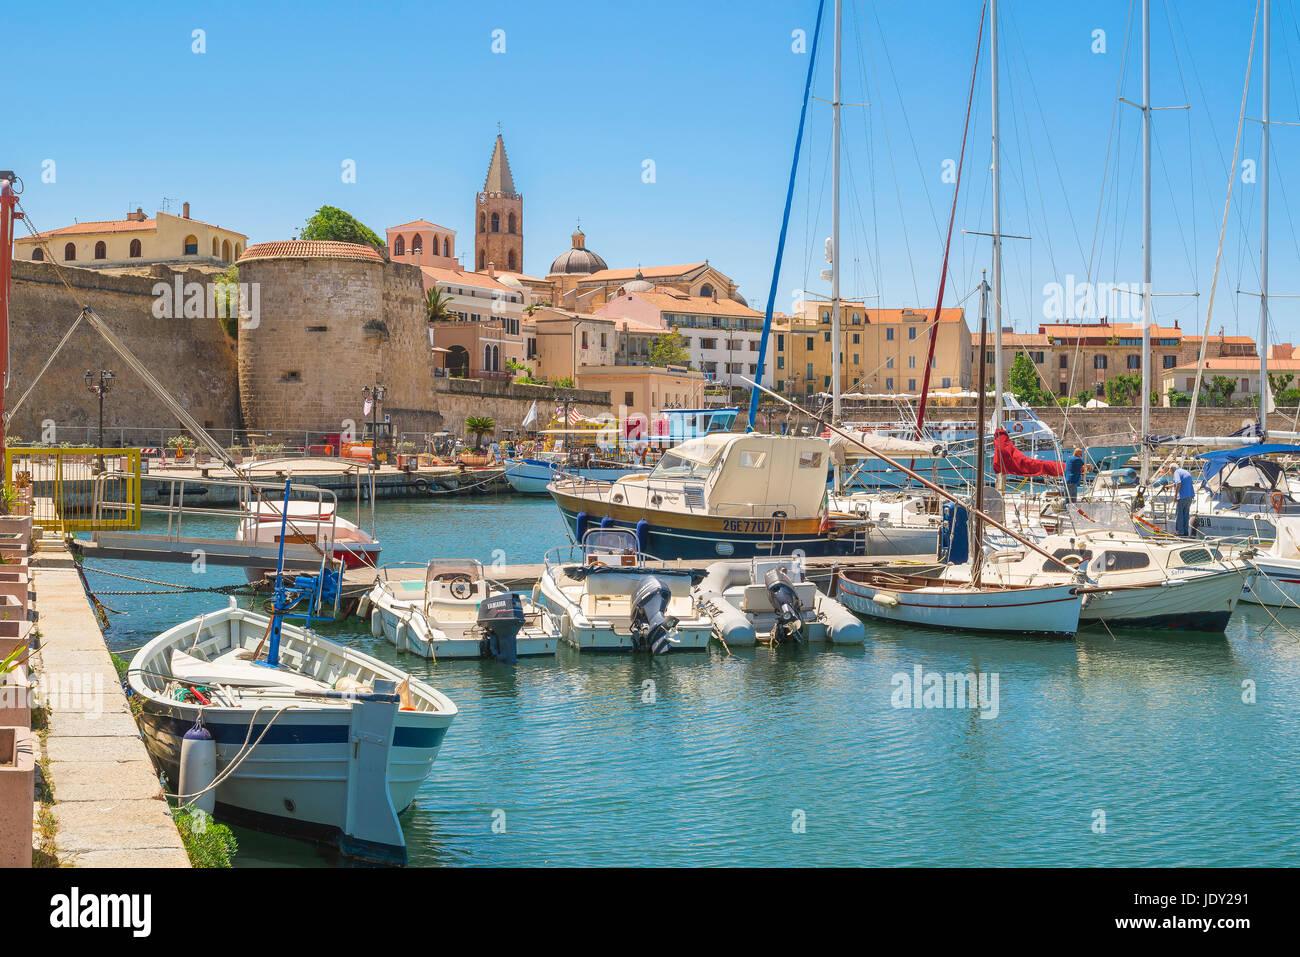 Alghero Sardegna Porto, vista del porto e di fronte al mare di Alghero nord Sardegna, Italia. Immagini Stock